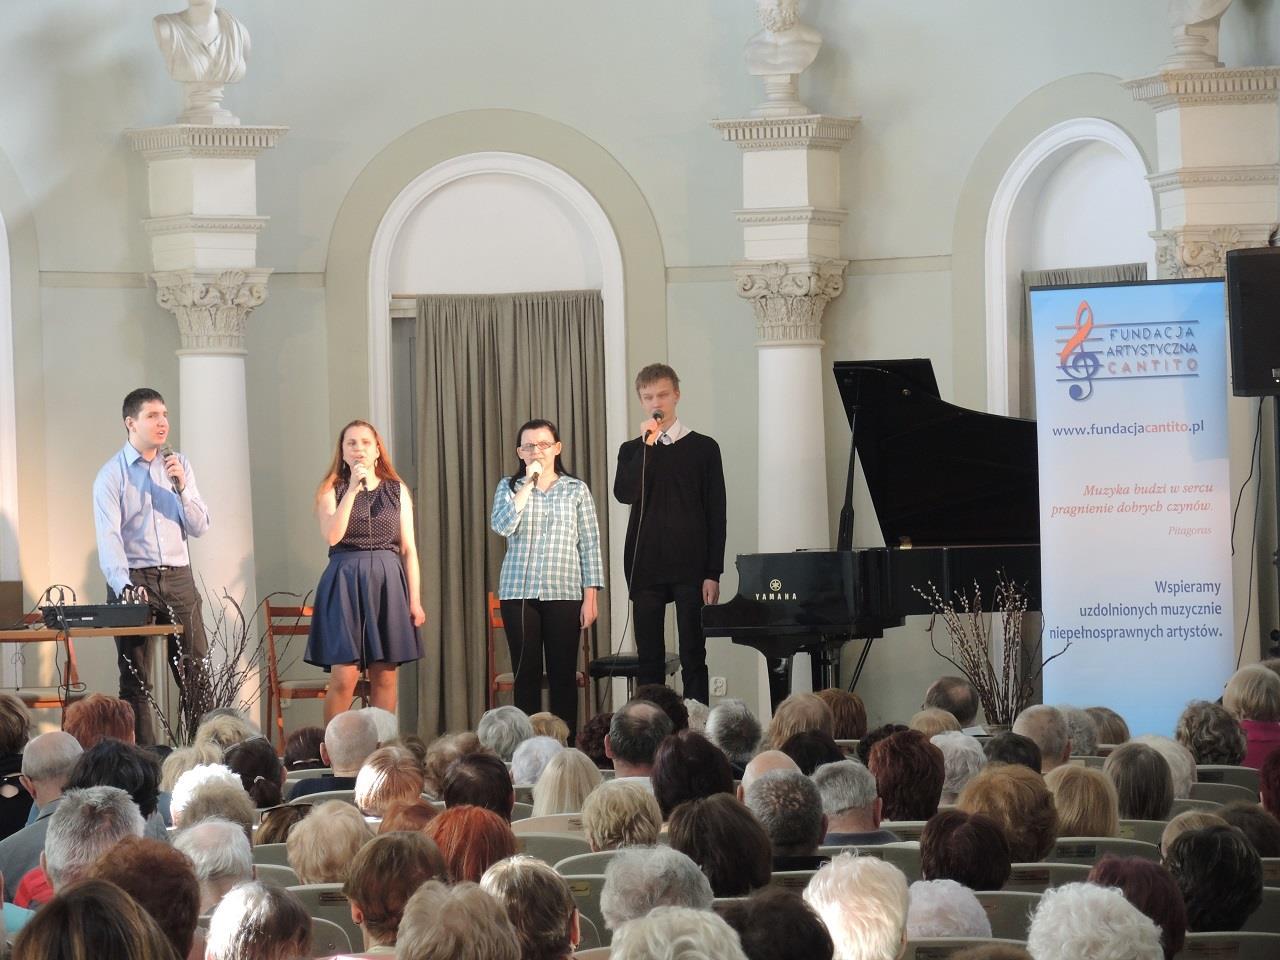 Zdjęcie zrobione z oddali. Licznie przybyła publiczność patrzy na scenę, na której znajdują się cztery osoby - dwóch mężczyzn i dwie kobiety. Wszyscy znajdujący się na scenie stoją, śpiewają.